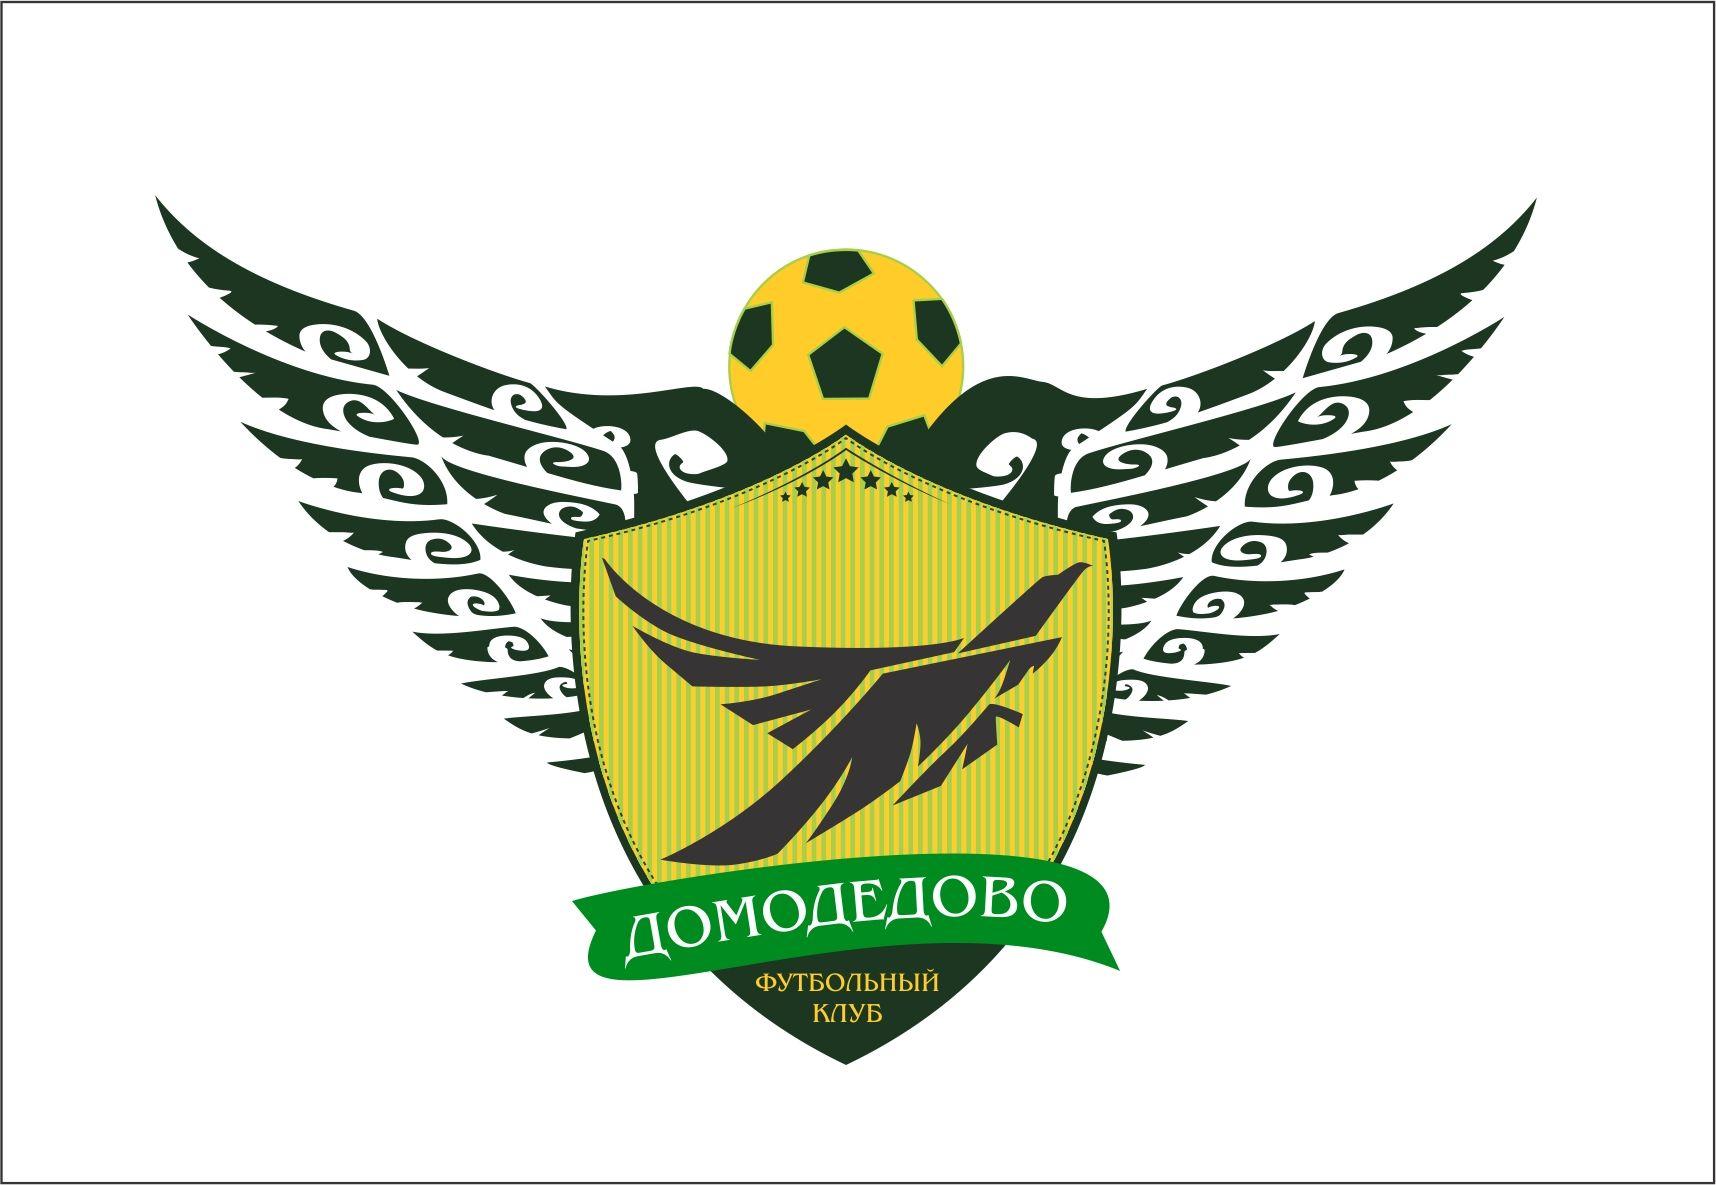 Логотип (Эмблема) для нового Футбольного клуба - дизайнер 79156510795